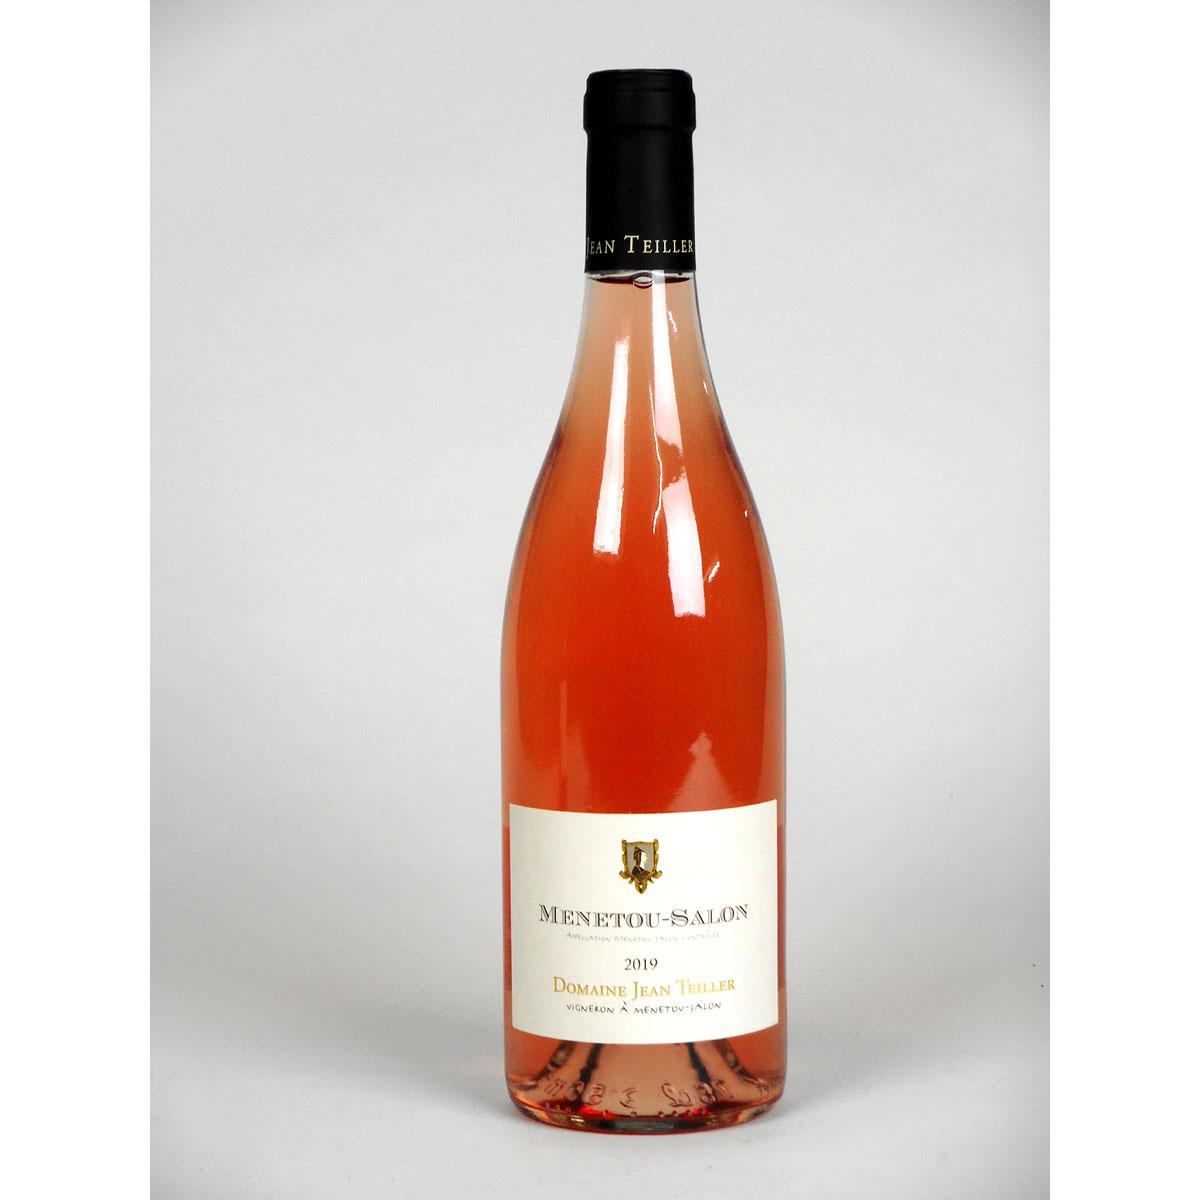 Menetou Salon: Domaine Jean Teiller Rosé 2019 - Bottle